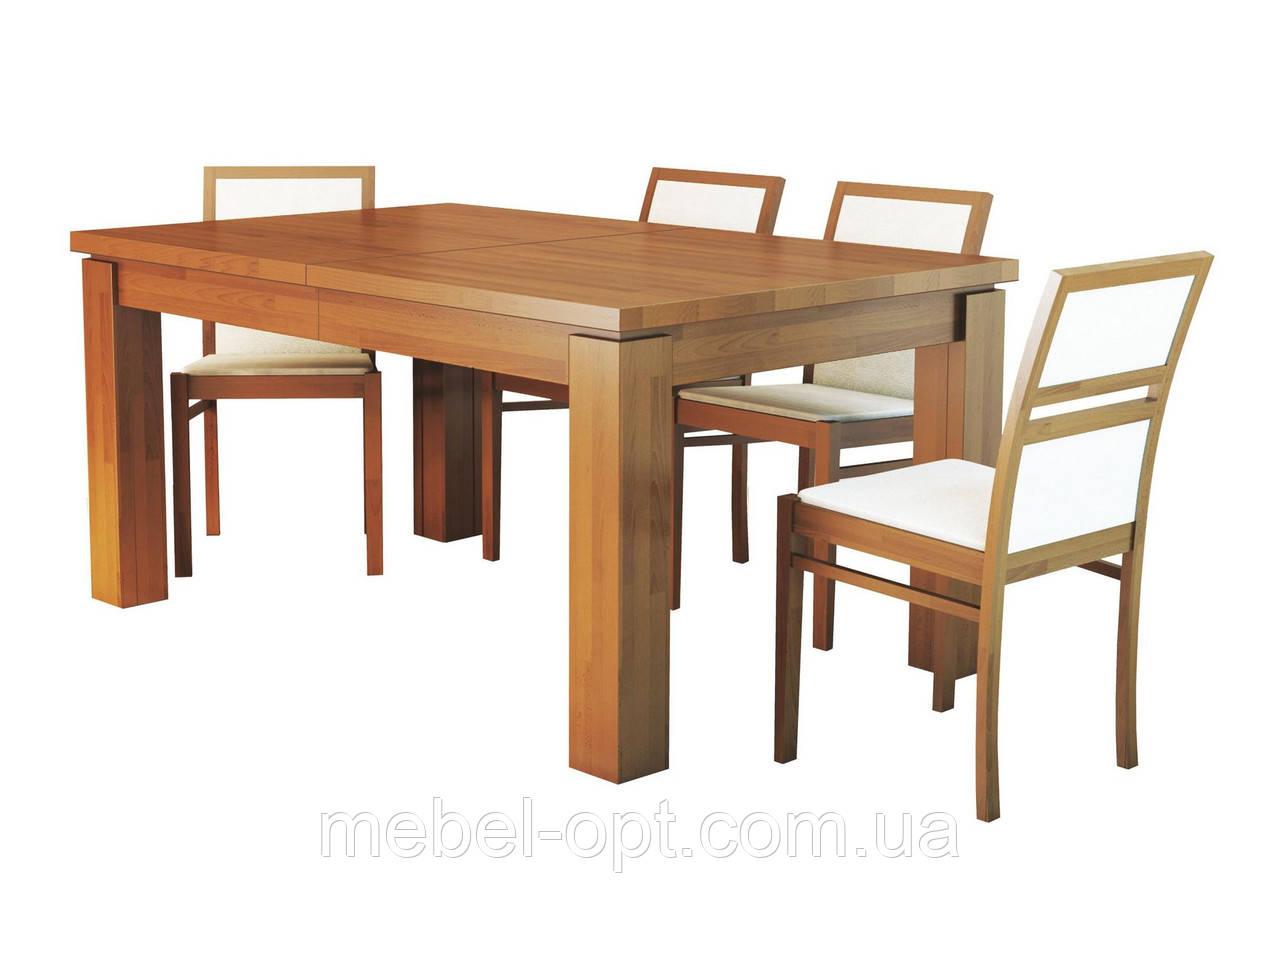 Раскладной деревянный стол Эльбридж, натуральный дуб 160/360х90см (4вставки по 50см)